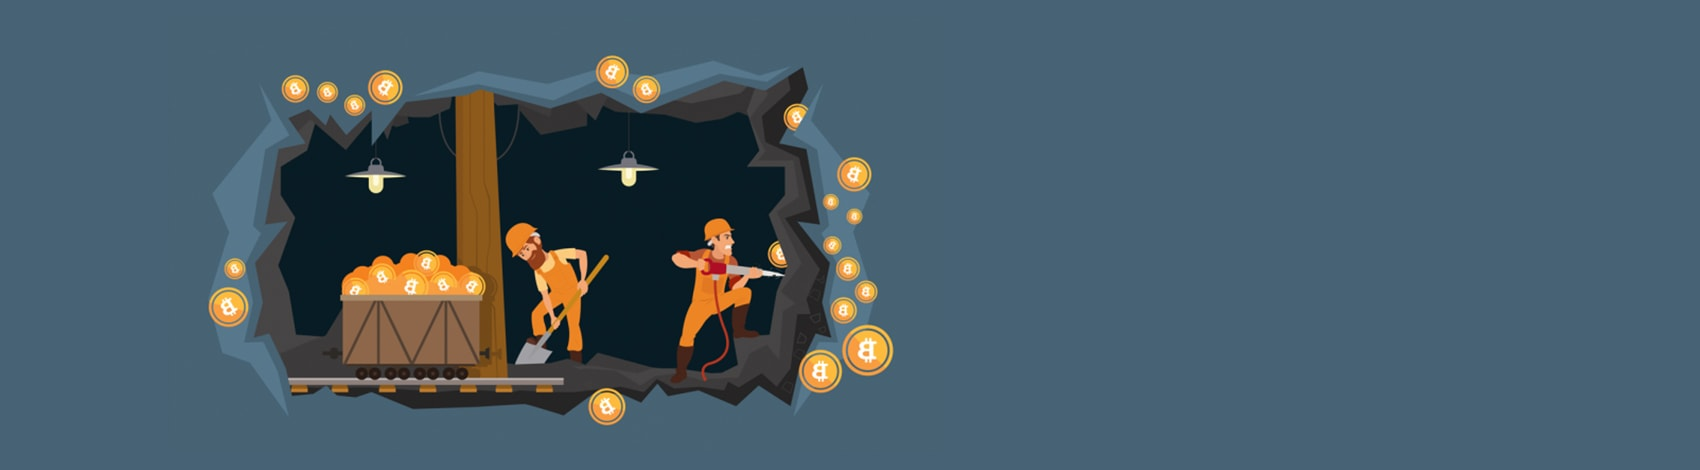 دومین وبینار آموزش سرمایه گذاری در بیت کوین و سایر ارزهای دیجیتال